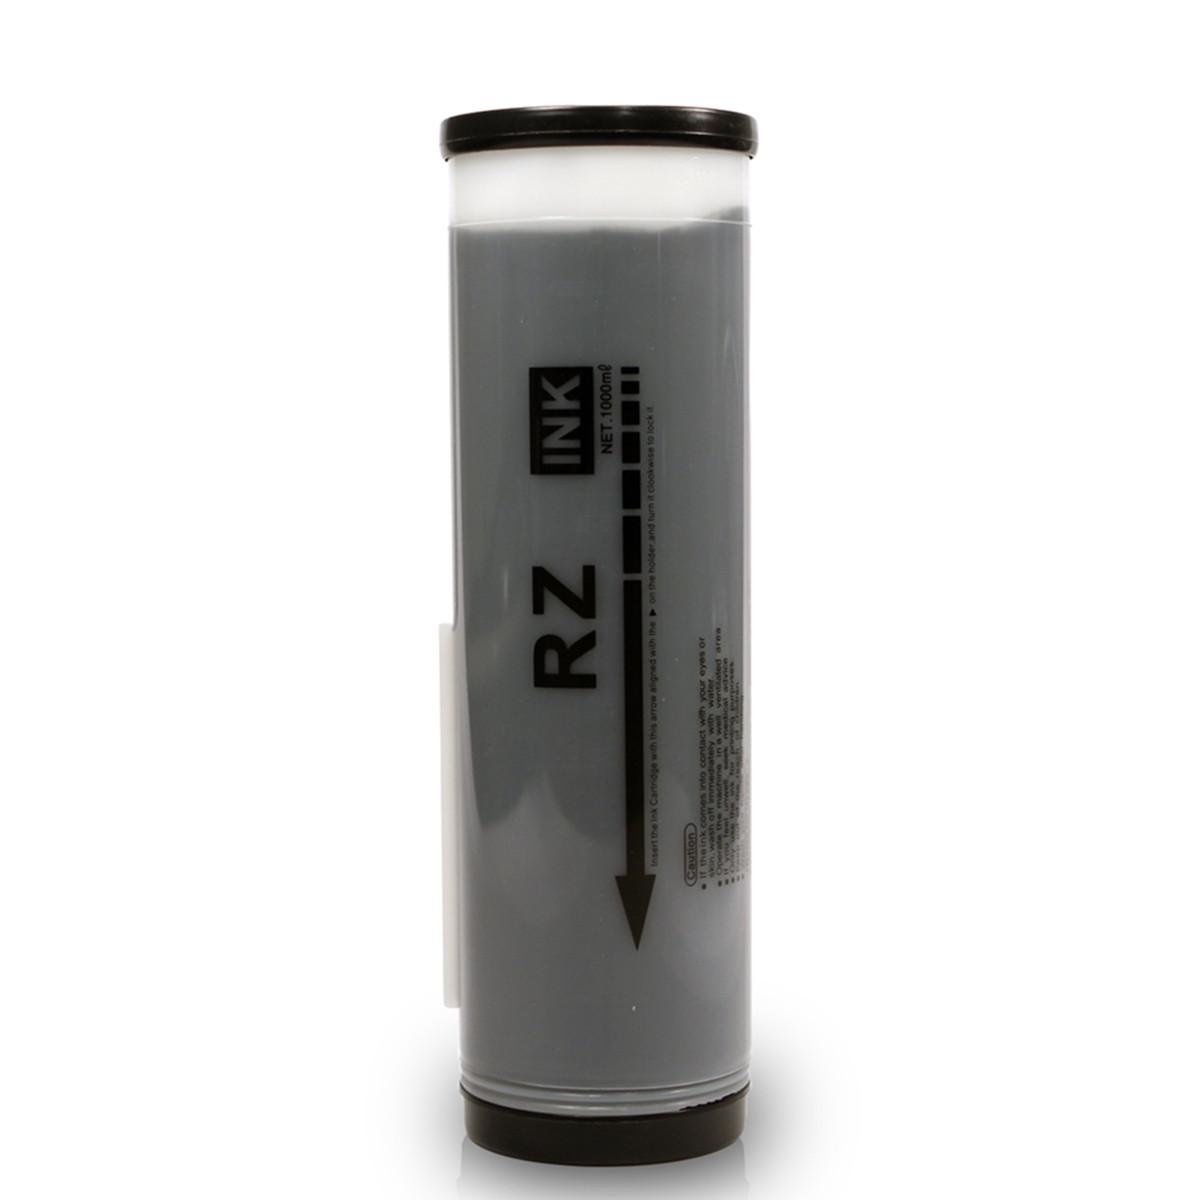 Tinta para Duplicador Riso RZ230 EZ200 EZ220 EZ230 EZ300 EZ330 EZ370 | EZ390 EZ570 | Katun Access